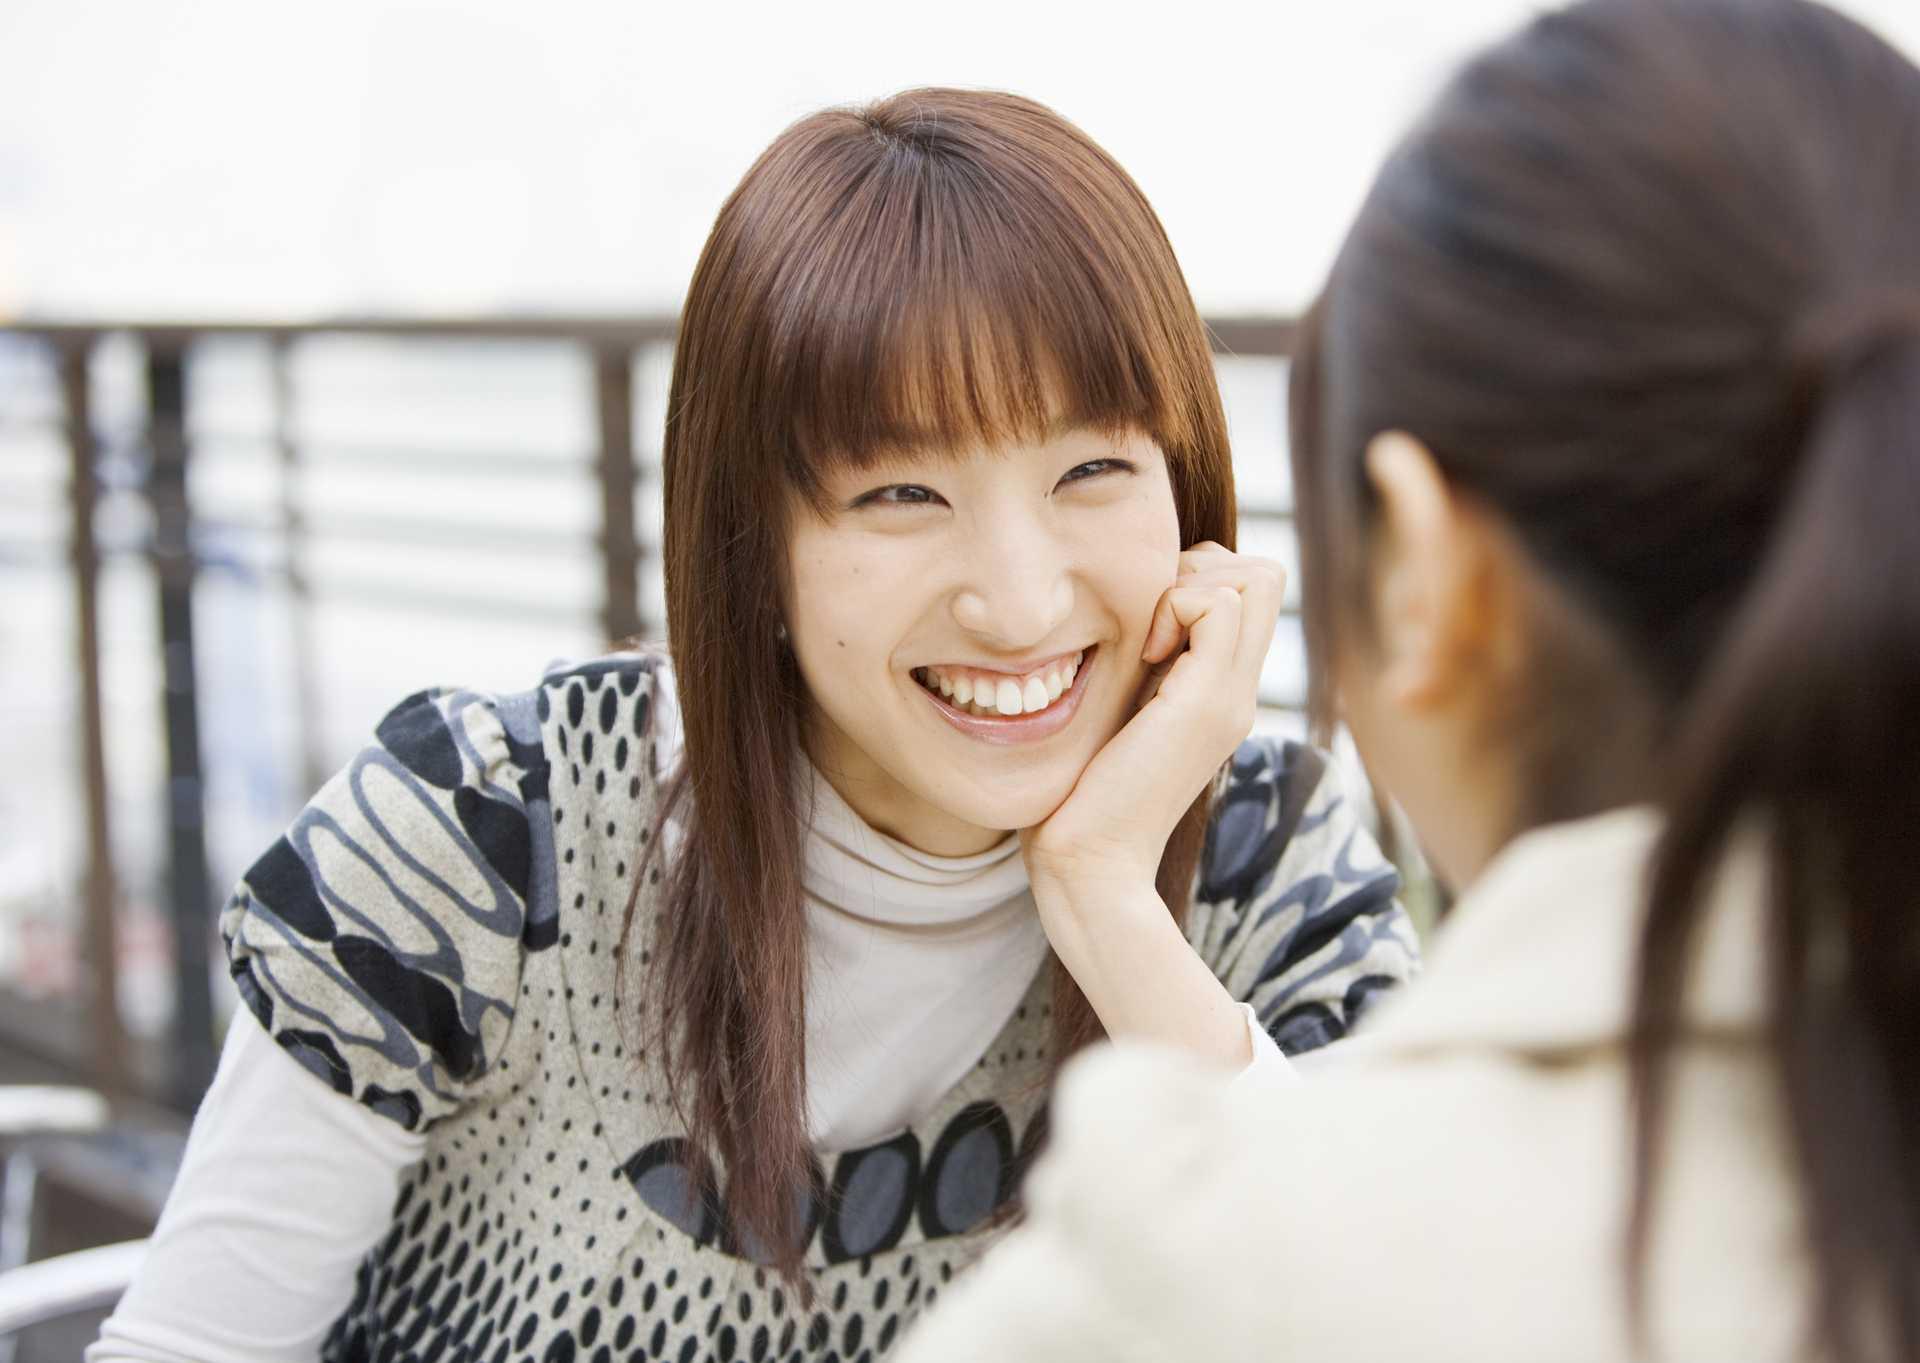 自慢をするのはNG。自慢を聞くのはOK。 | 人生を楽しく生きる30の方法